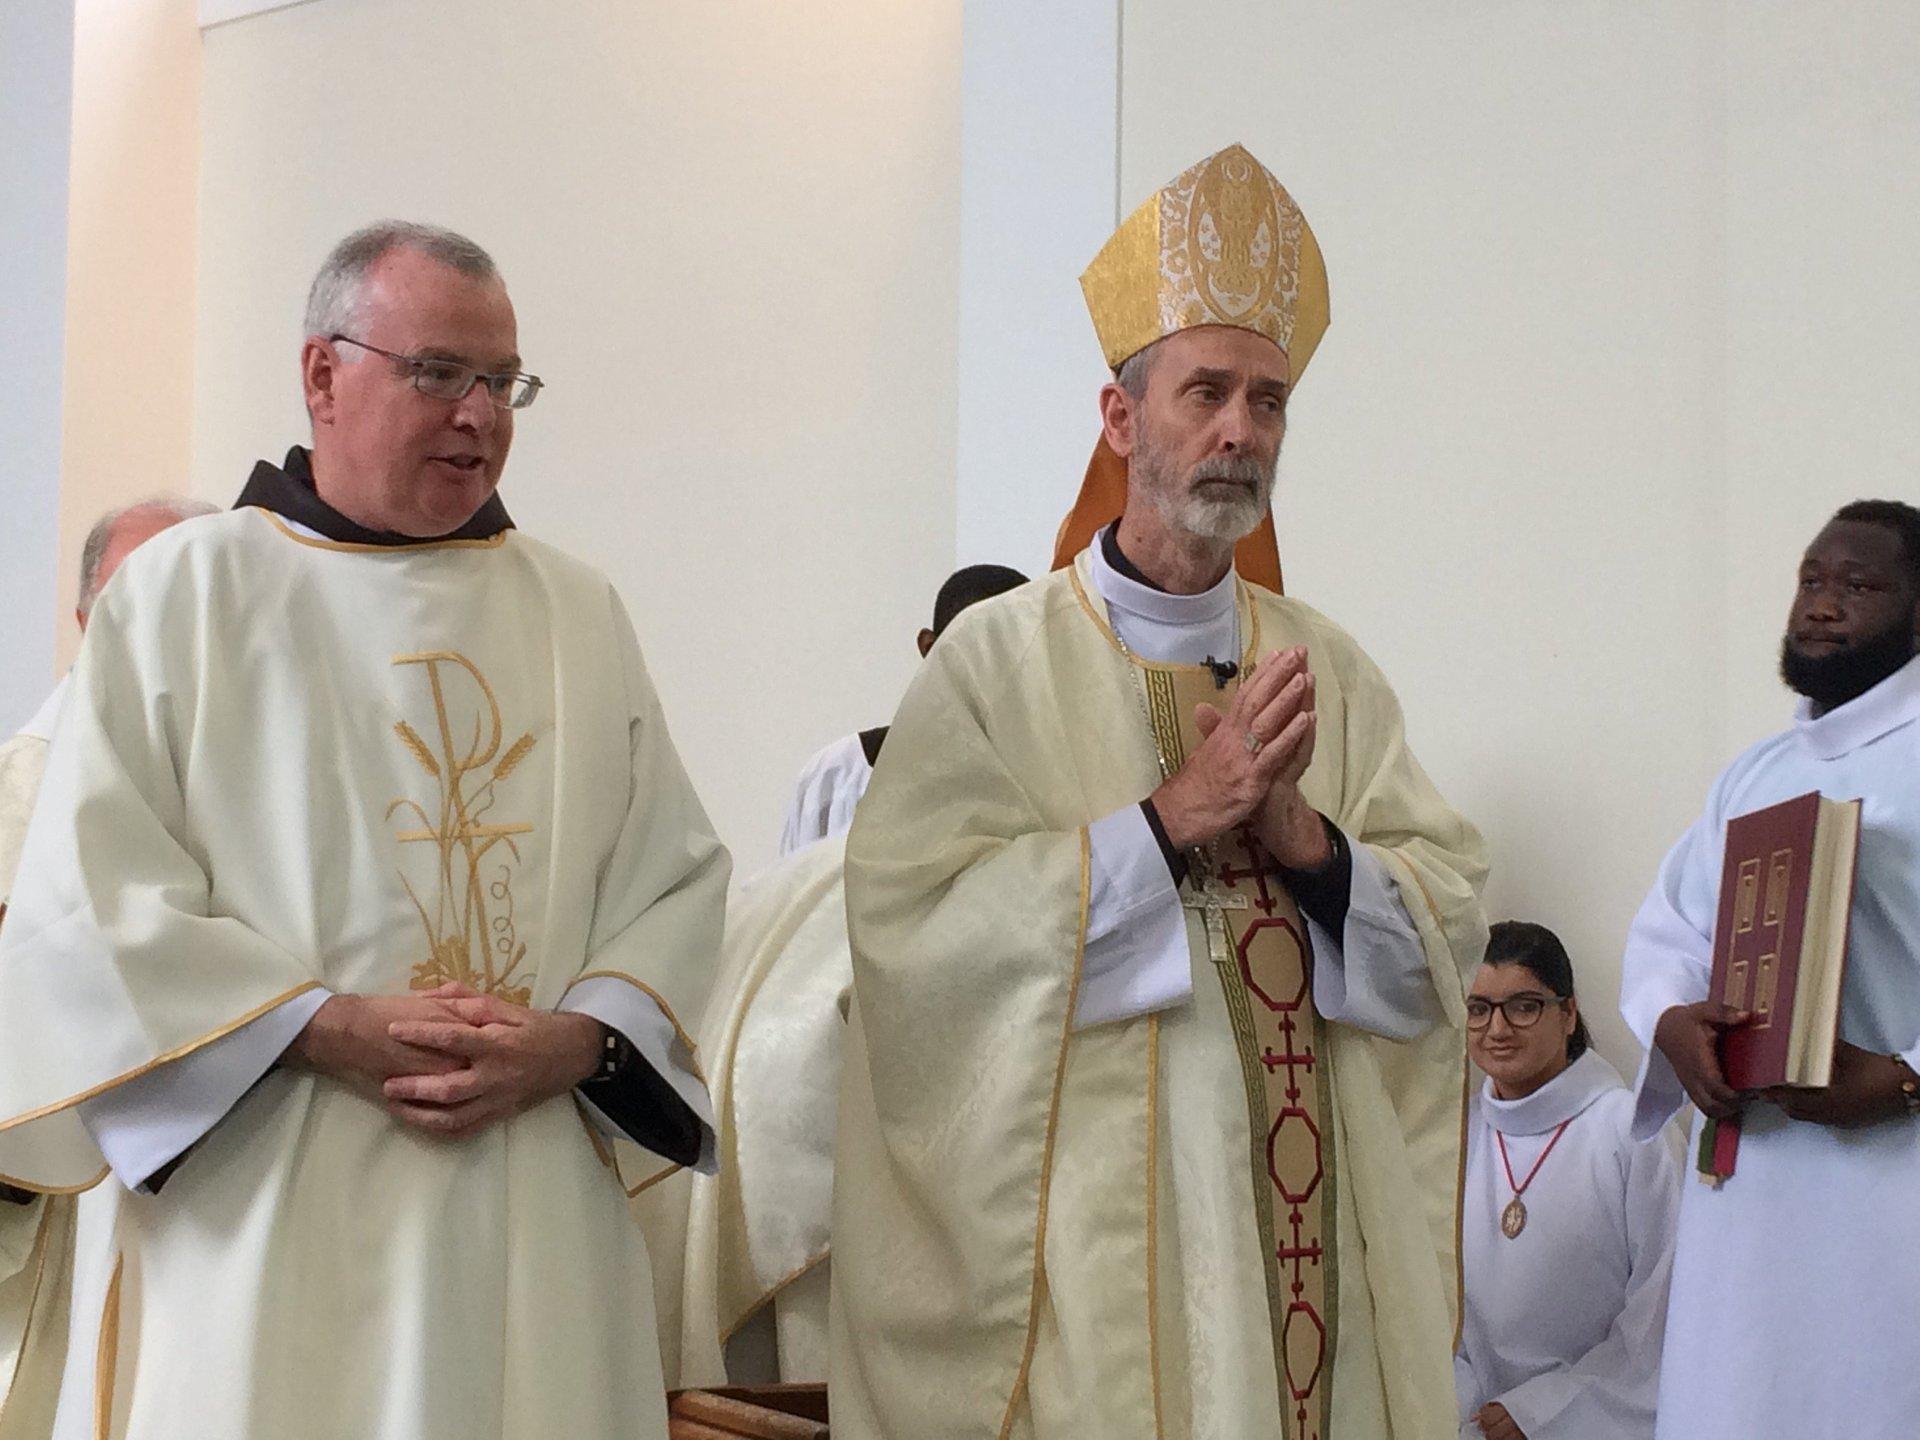 Deacon Michael stands beside Bishop